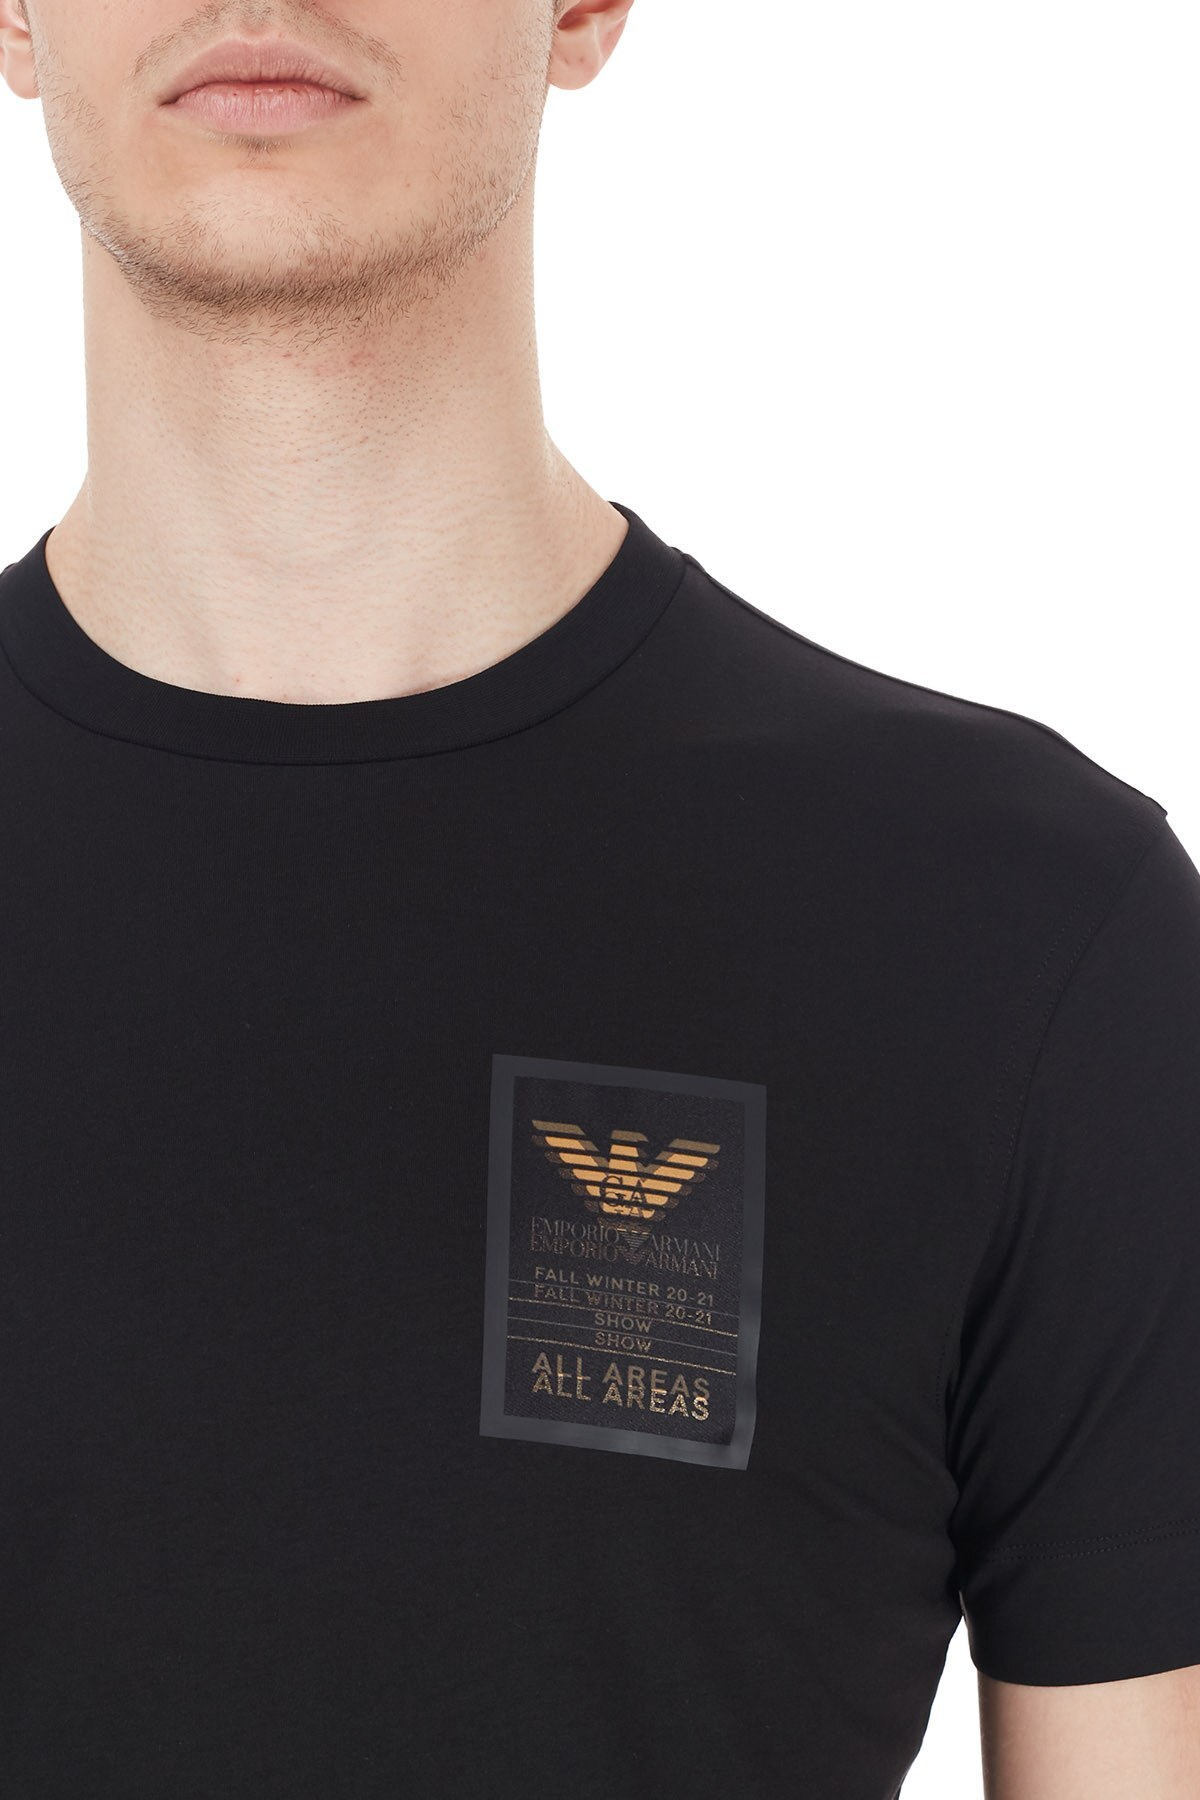 Emporio Armani Logo Baskılı Bisiklet Yaka % 100 Pamuk Erkek T Shirt 6H1TA3 1JDXZ 0999 SİYAH